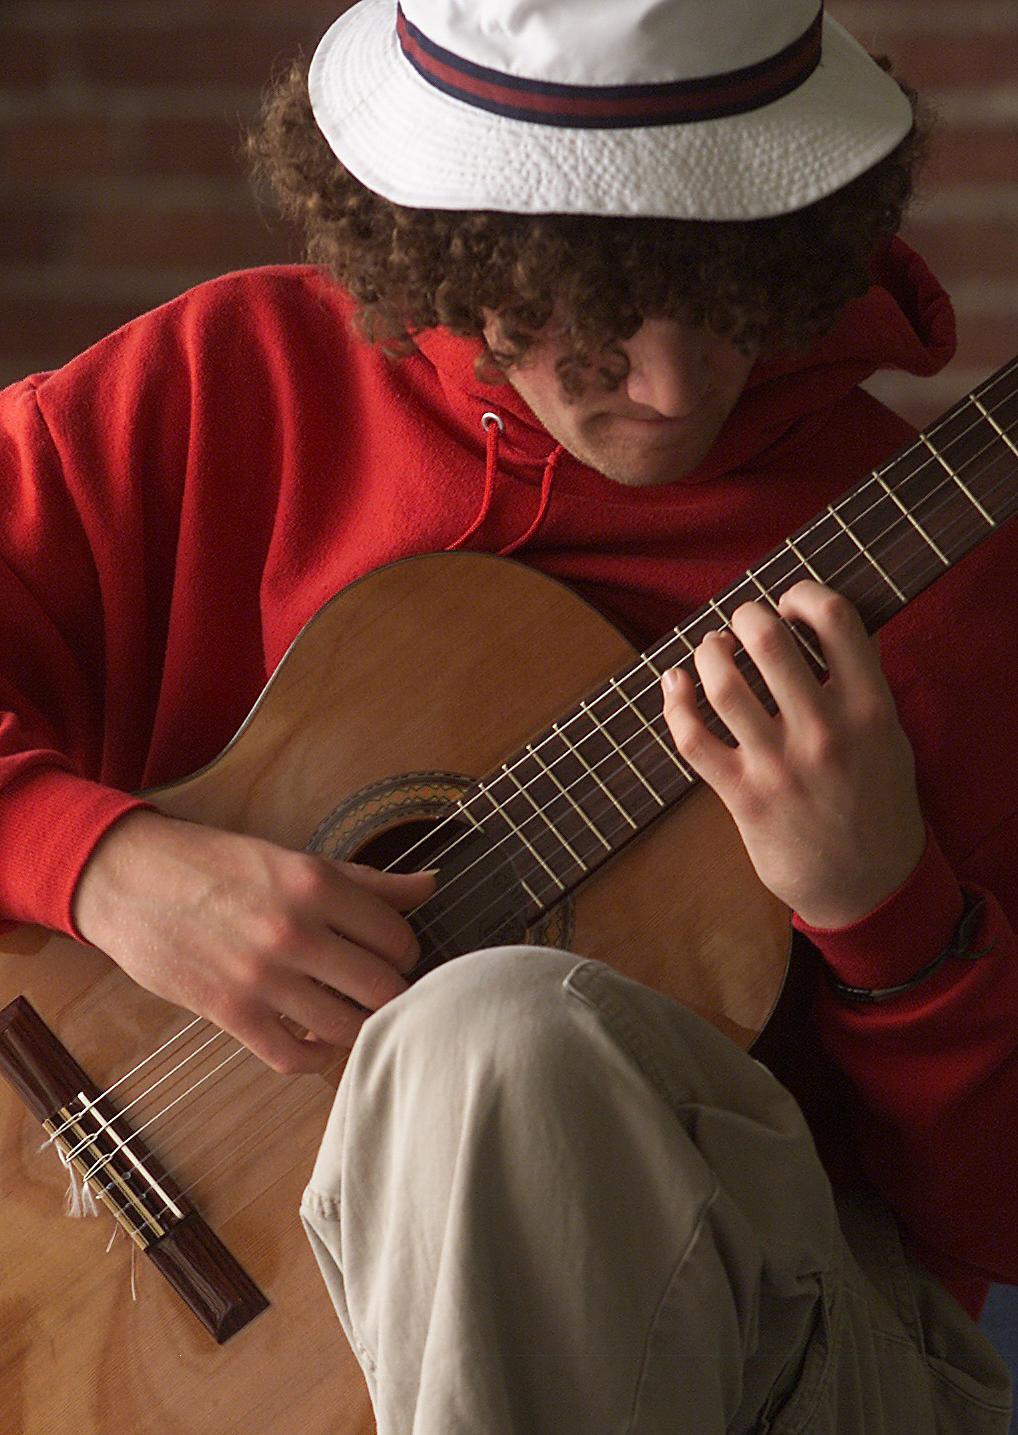 SOTA_guitar light_hands.jpg